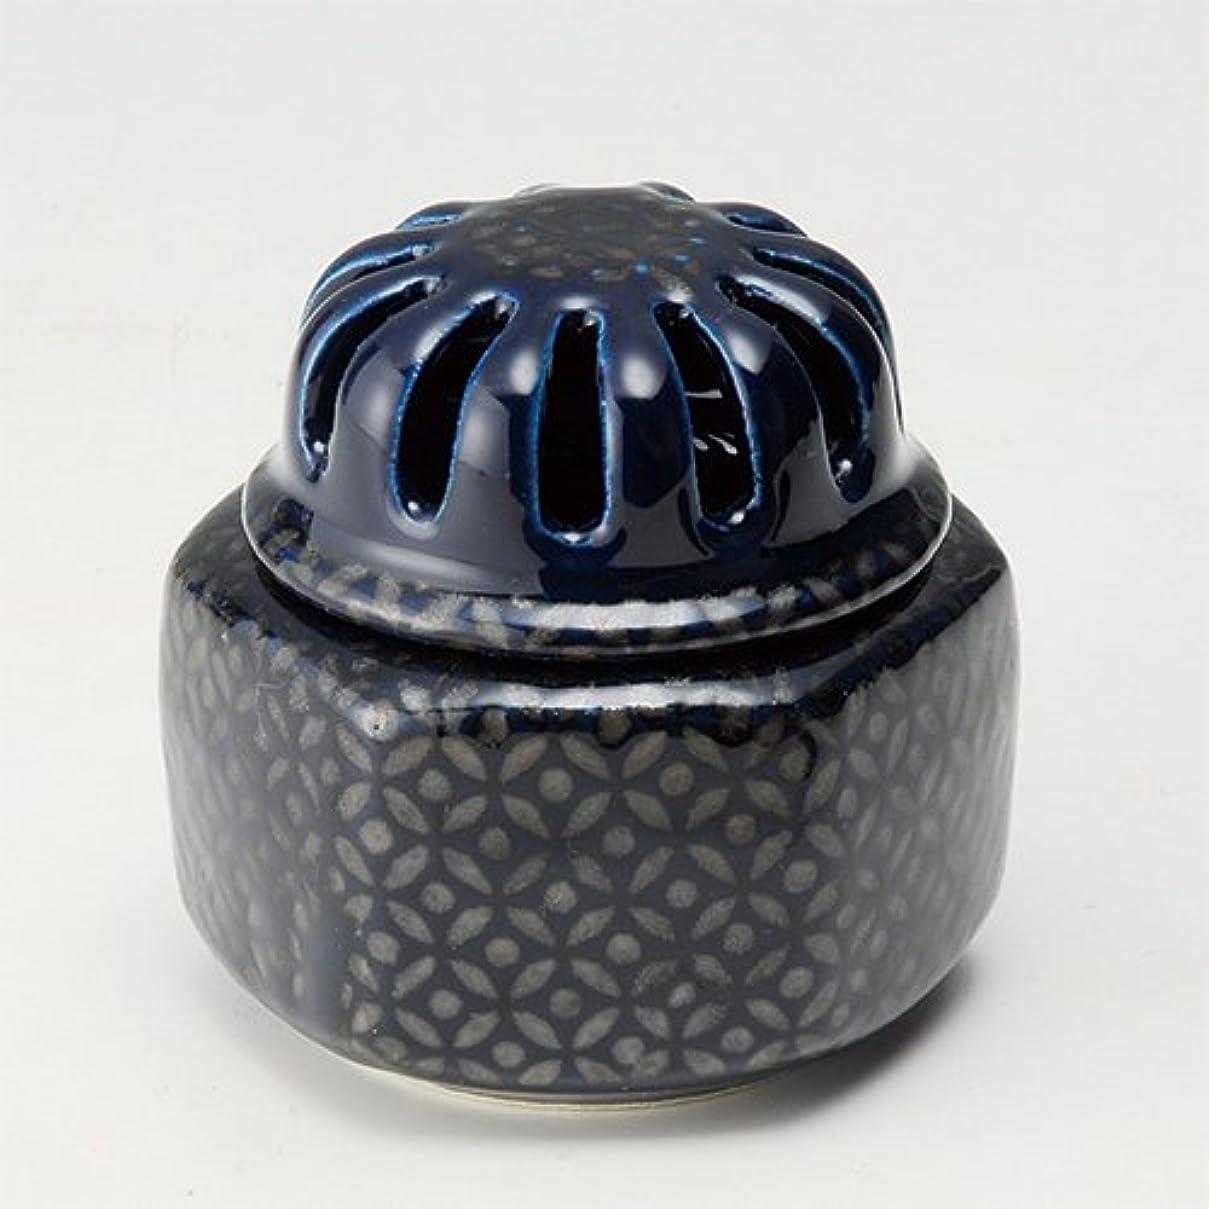 台無しにわずかな欠点香炉 瑠璃七宝 福香炉 [R8.8xH8.7cm] プレゼント ギフト 和食器 かわいい インテリア